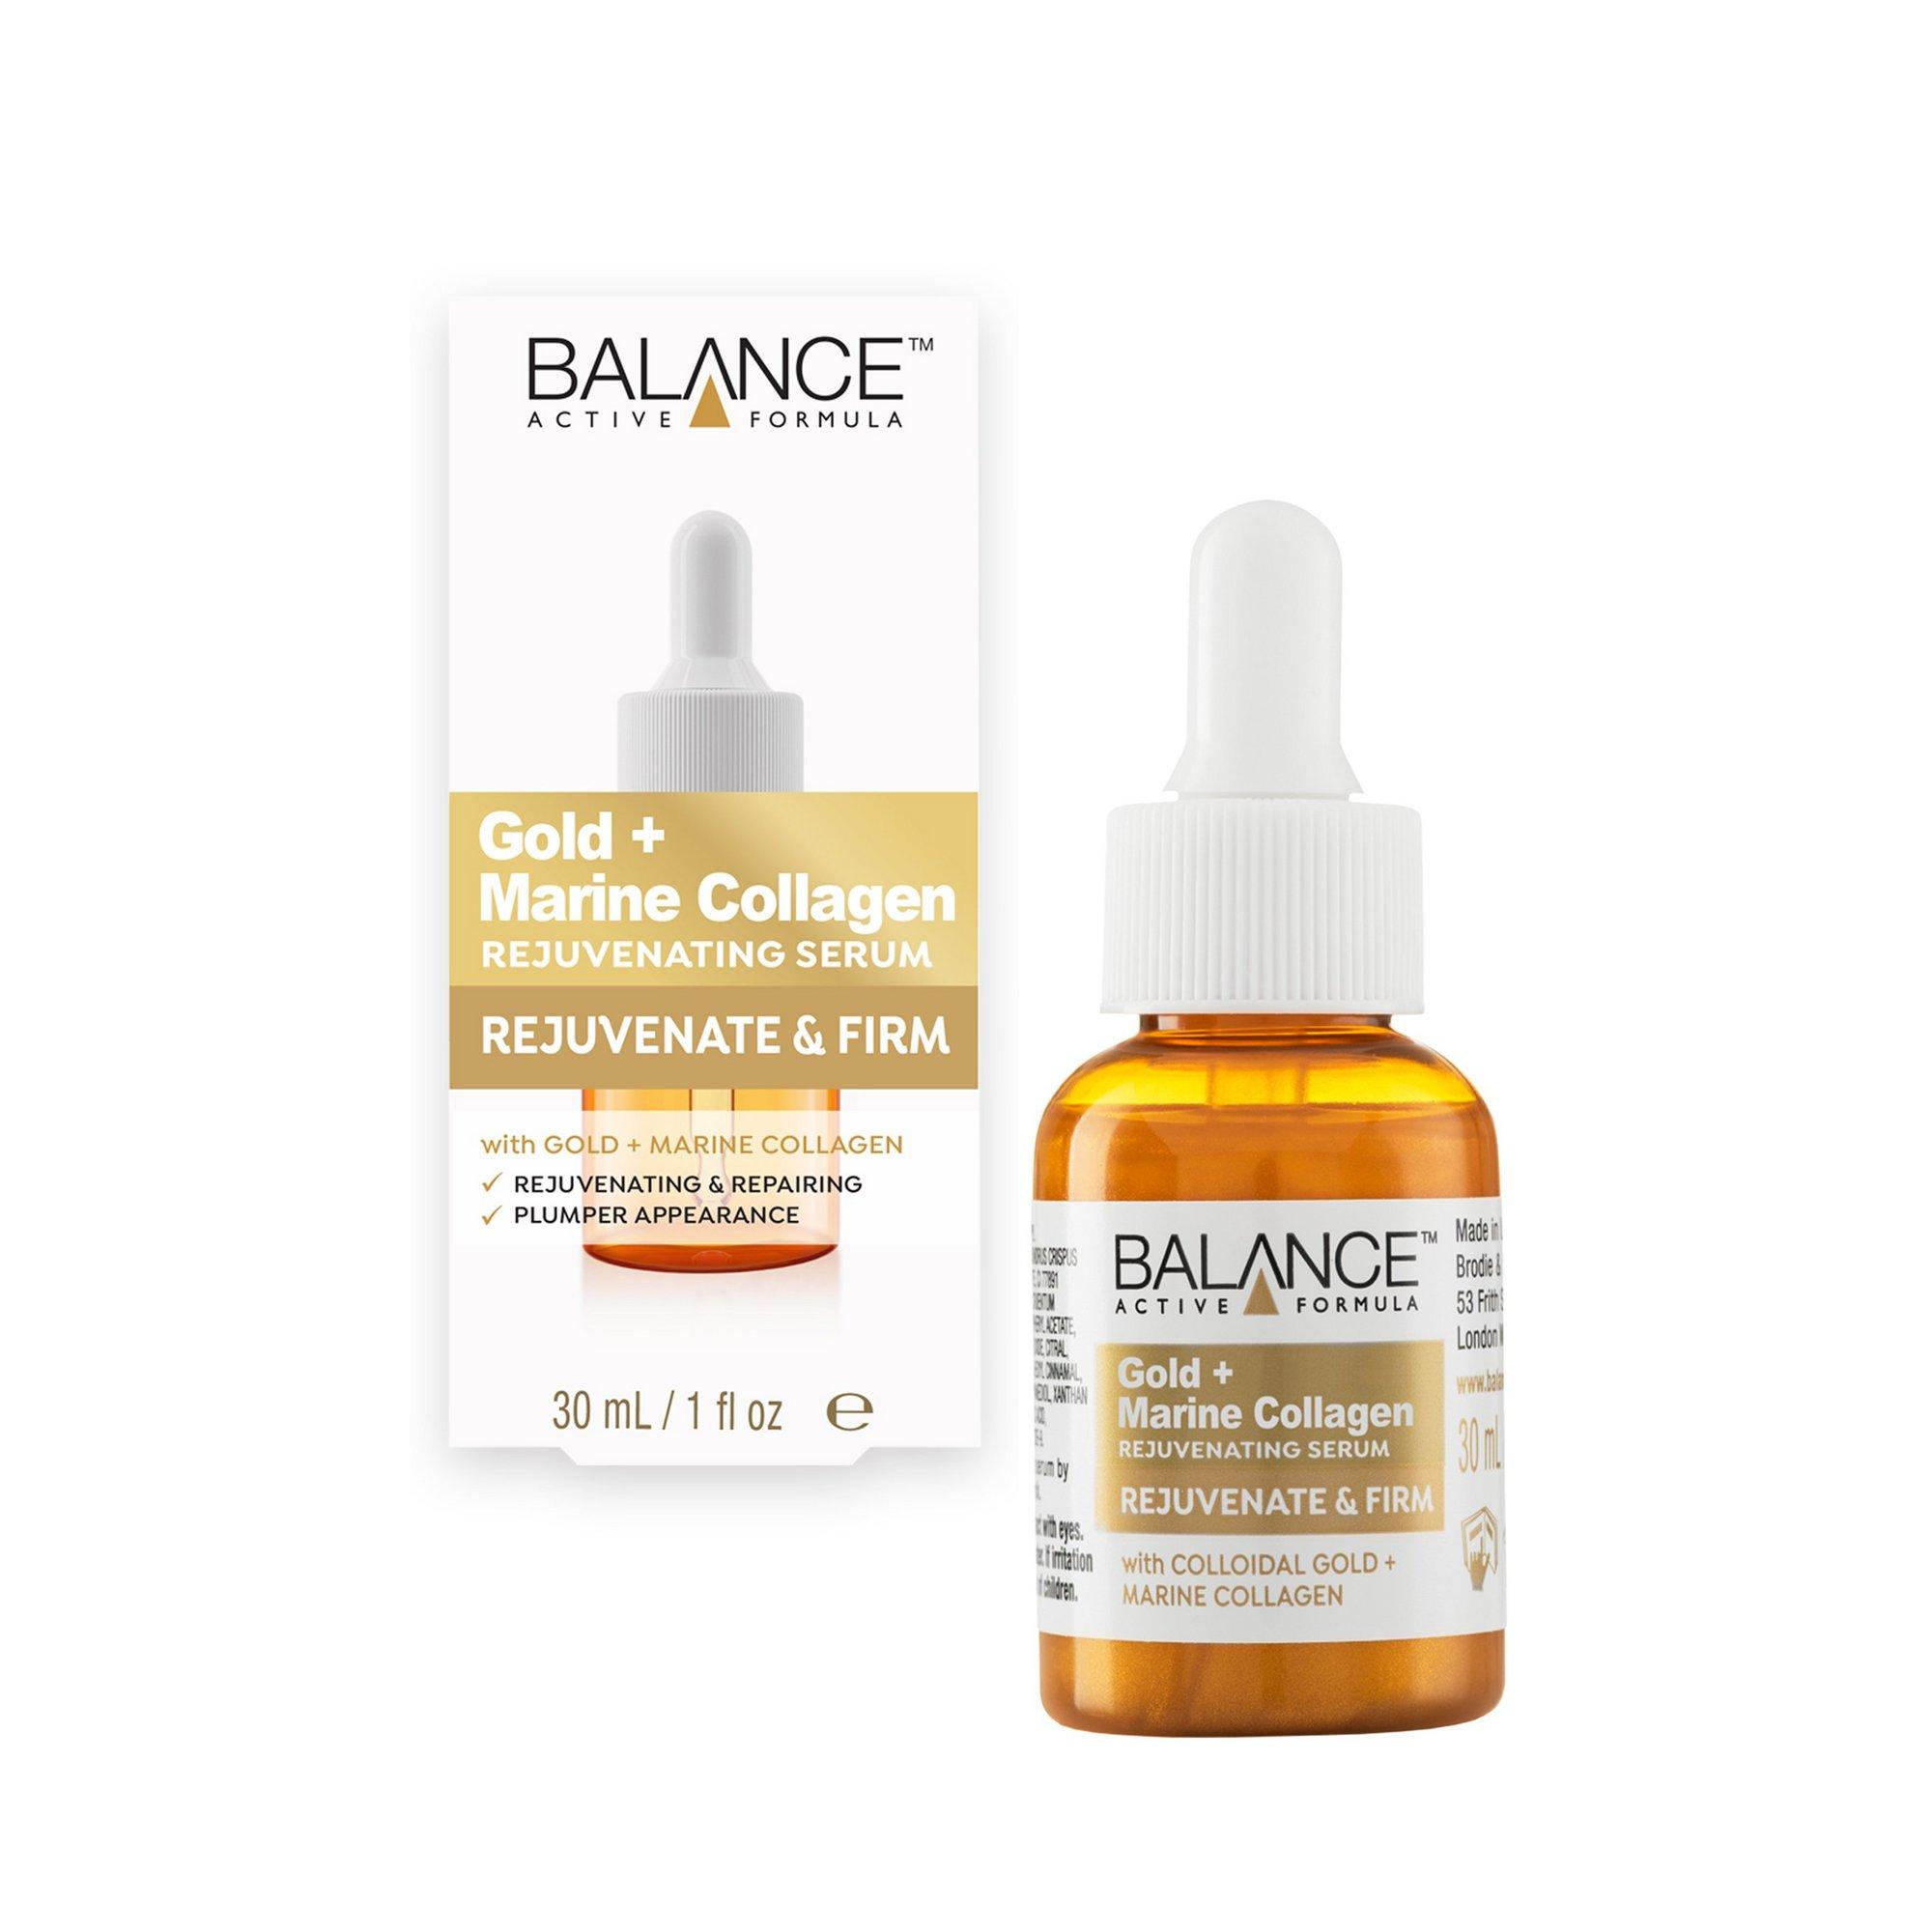 Image of Balance Gold Collagen Rejuvenating Serum